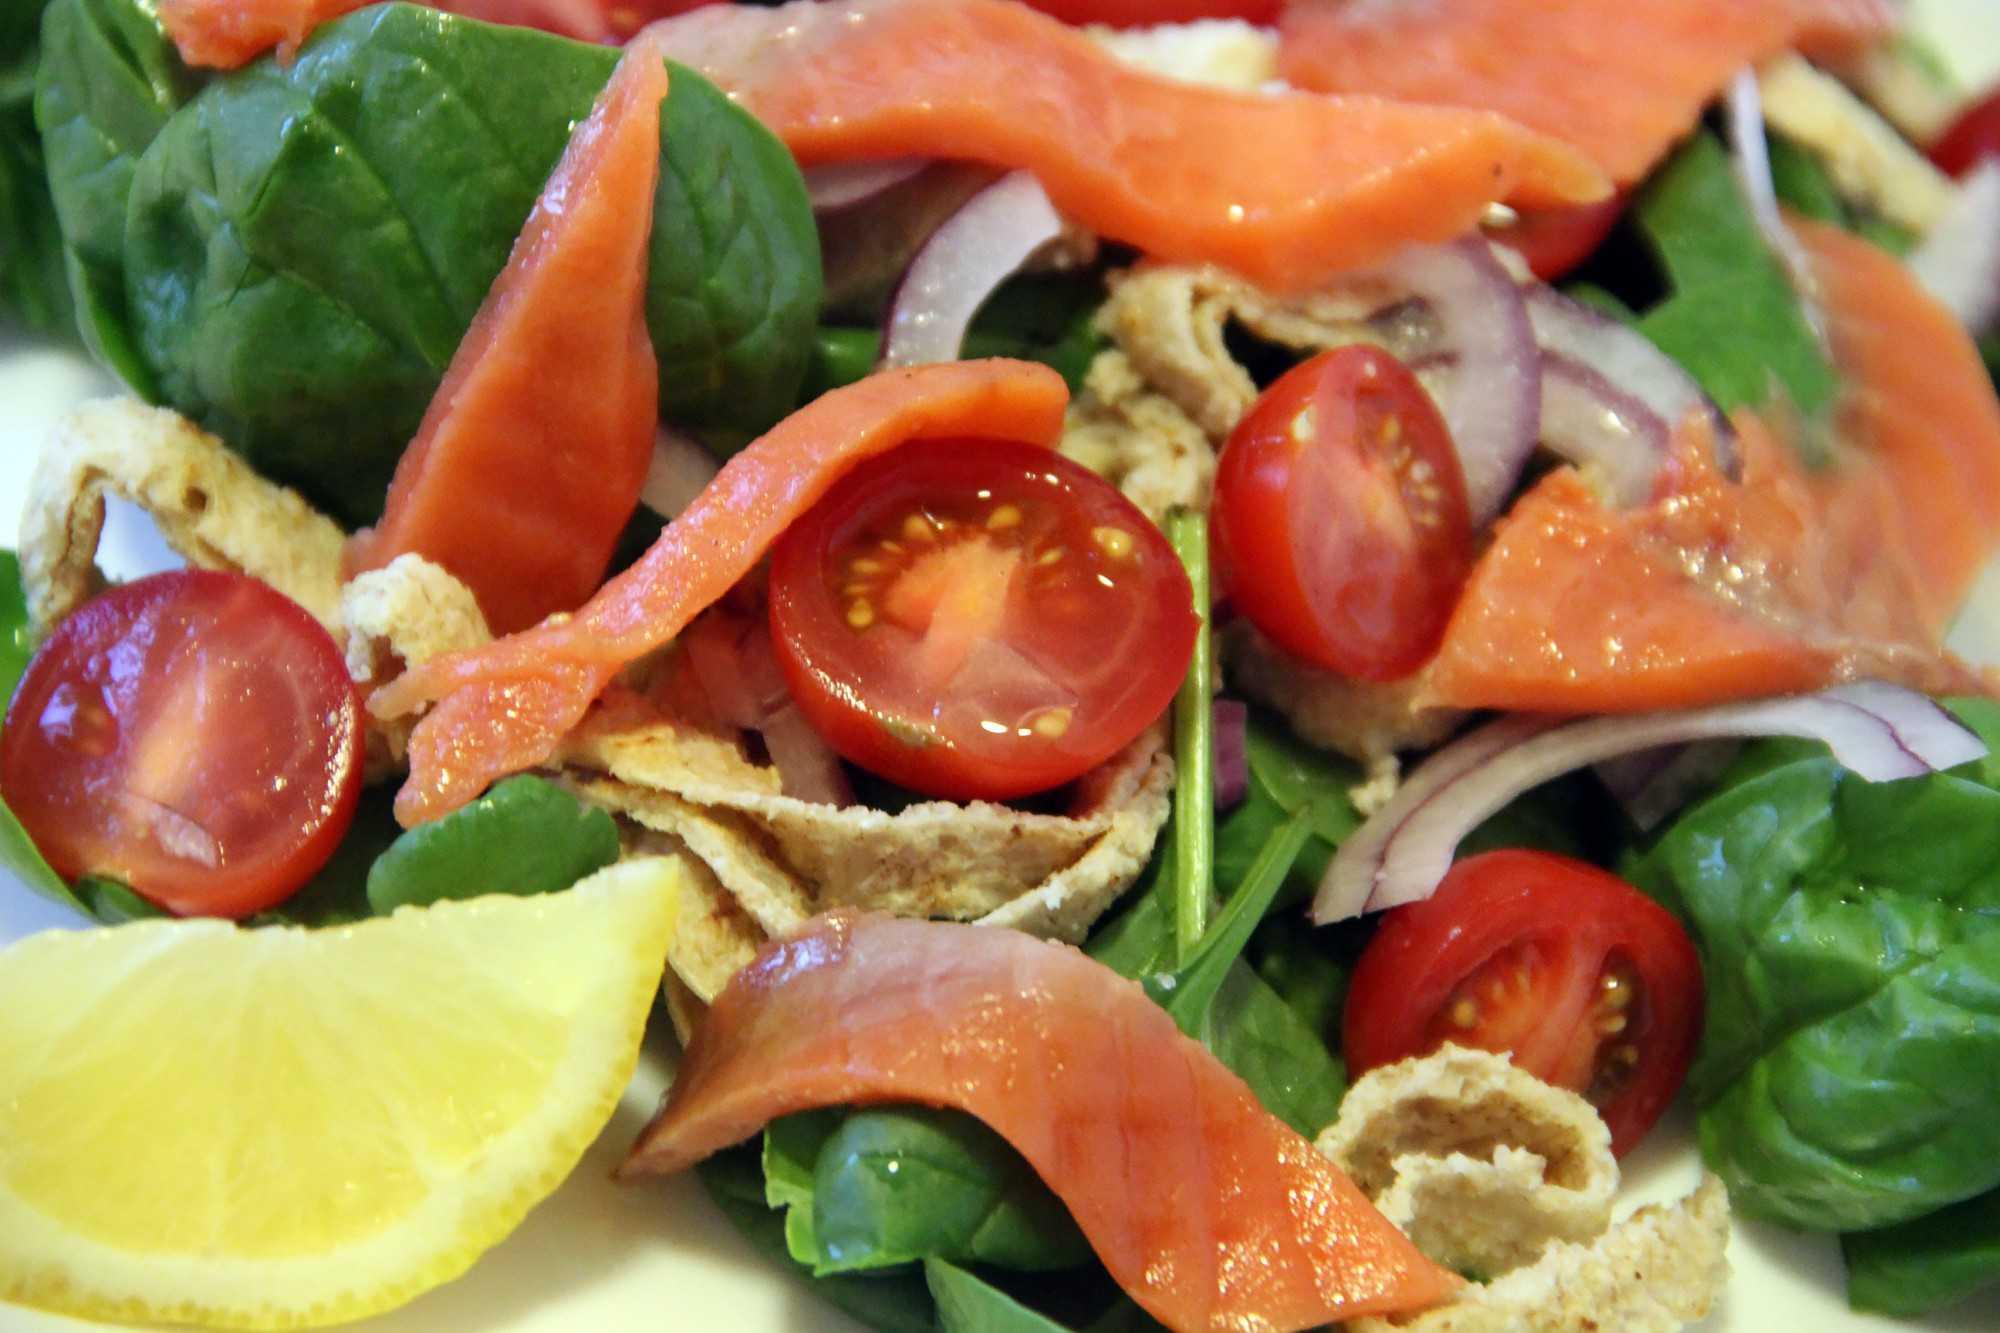 Салат с лососем - подборка лучших рецептов. как правильно и вкусно приготовить салат с лососем. - автор екатерина данилова - журнал женское мнение